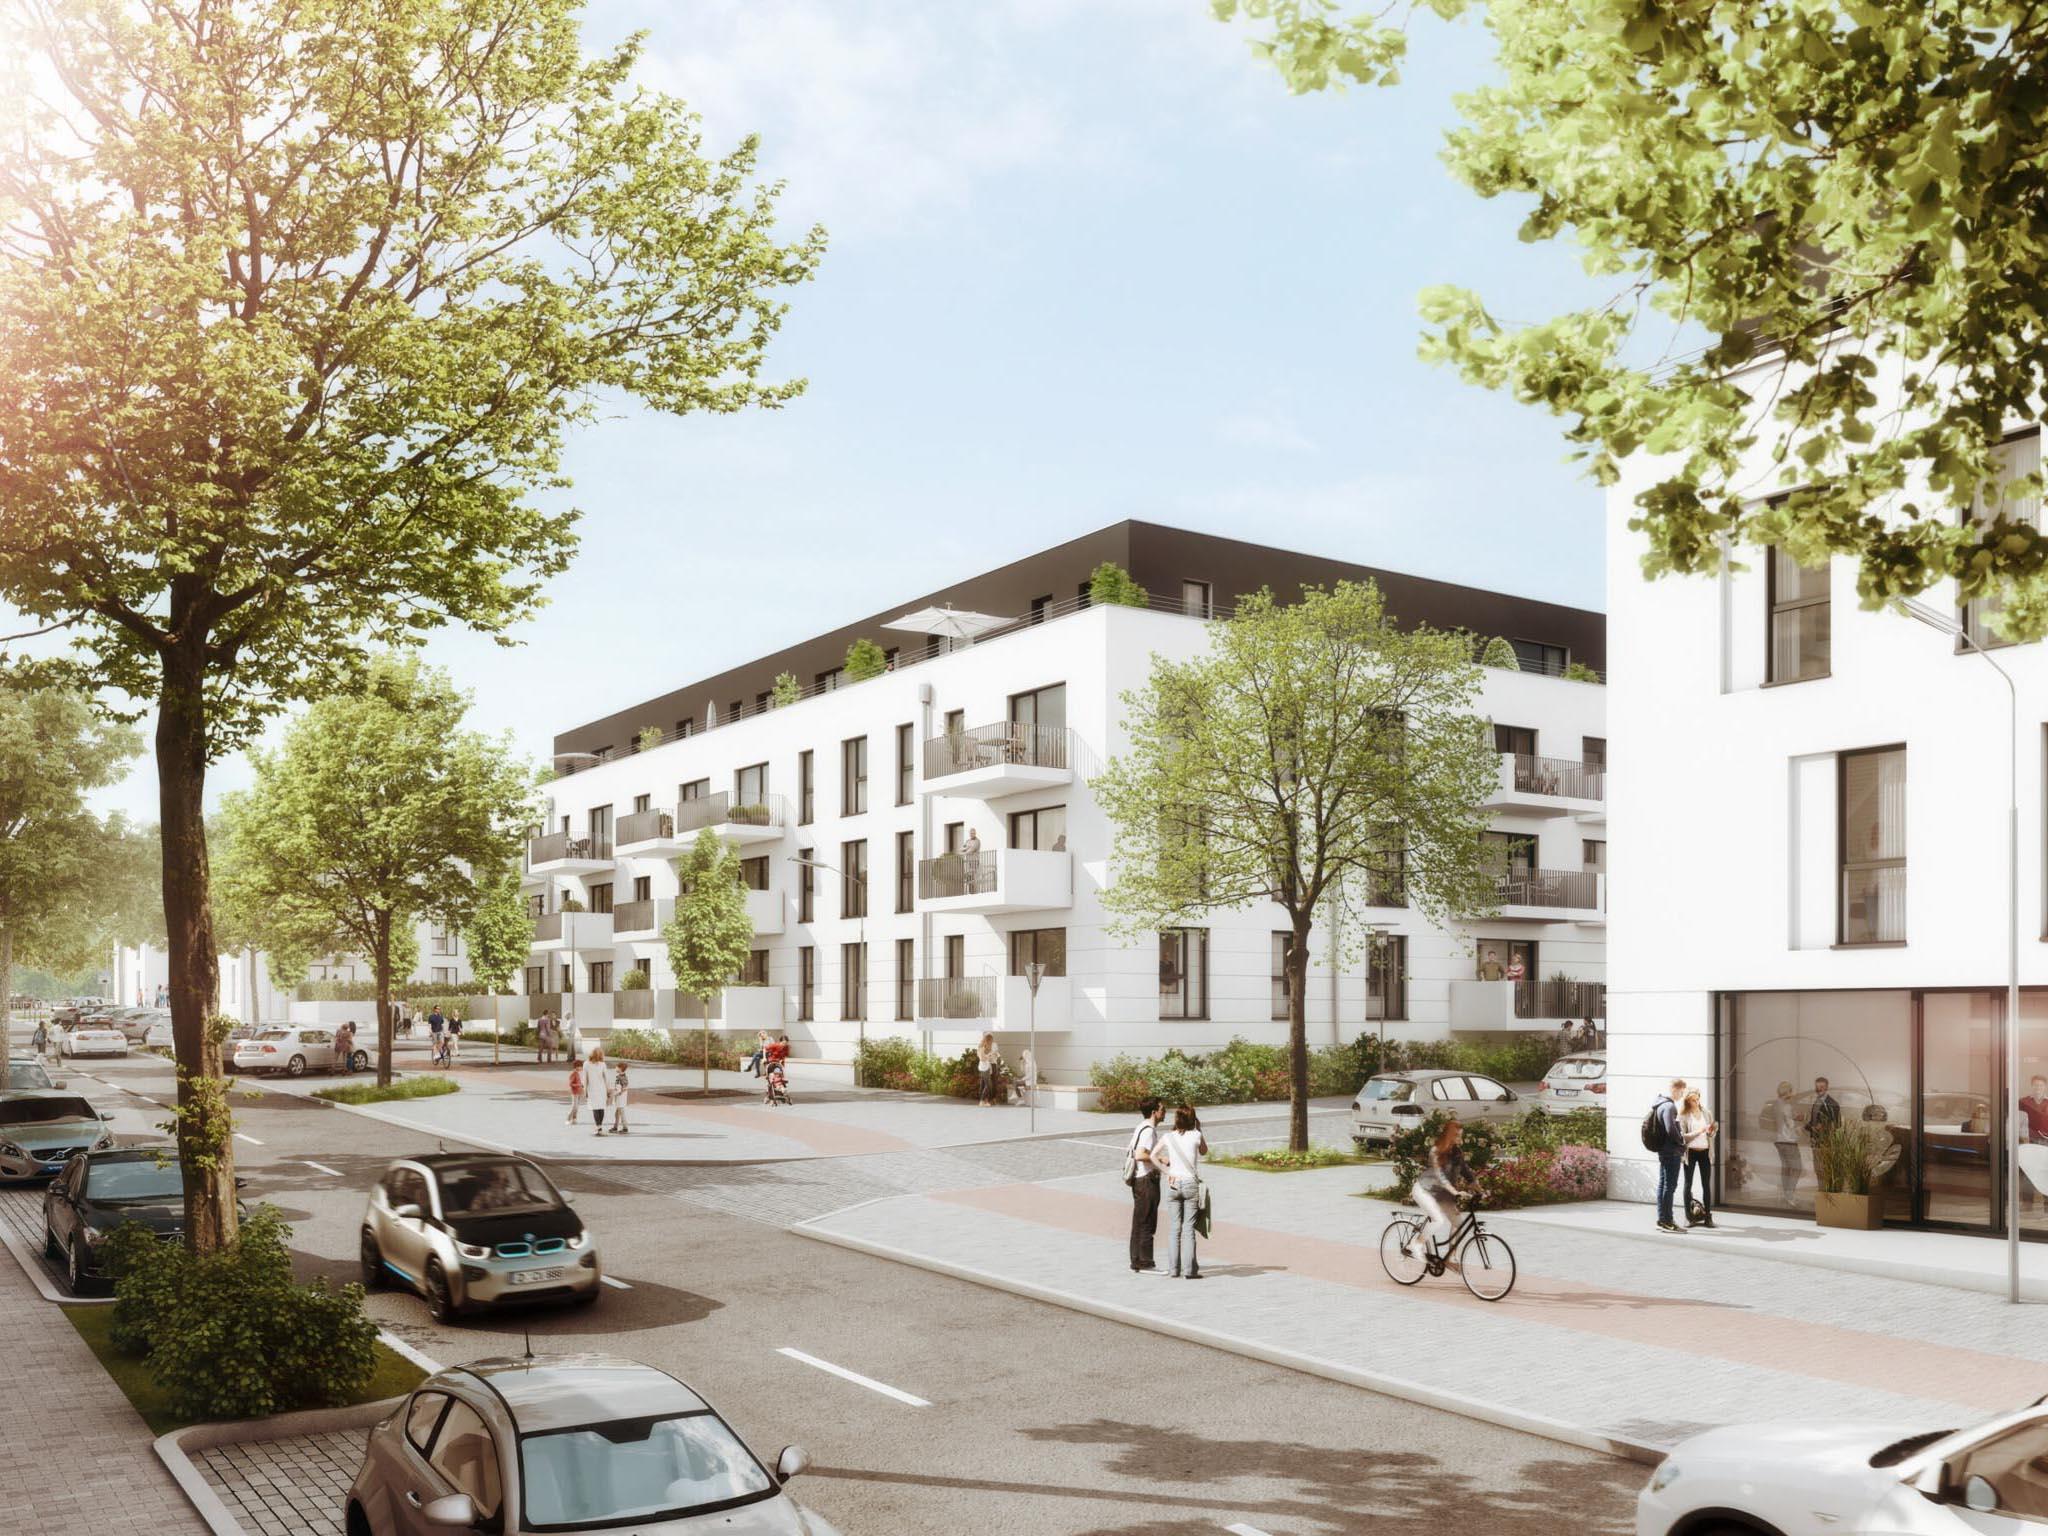 3D-Illustration eines geplanten Wohngebäudes